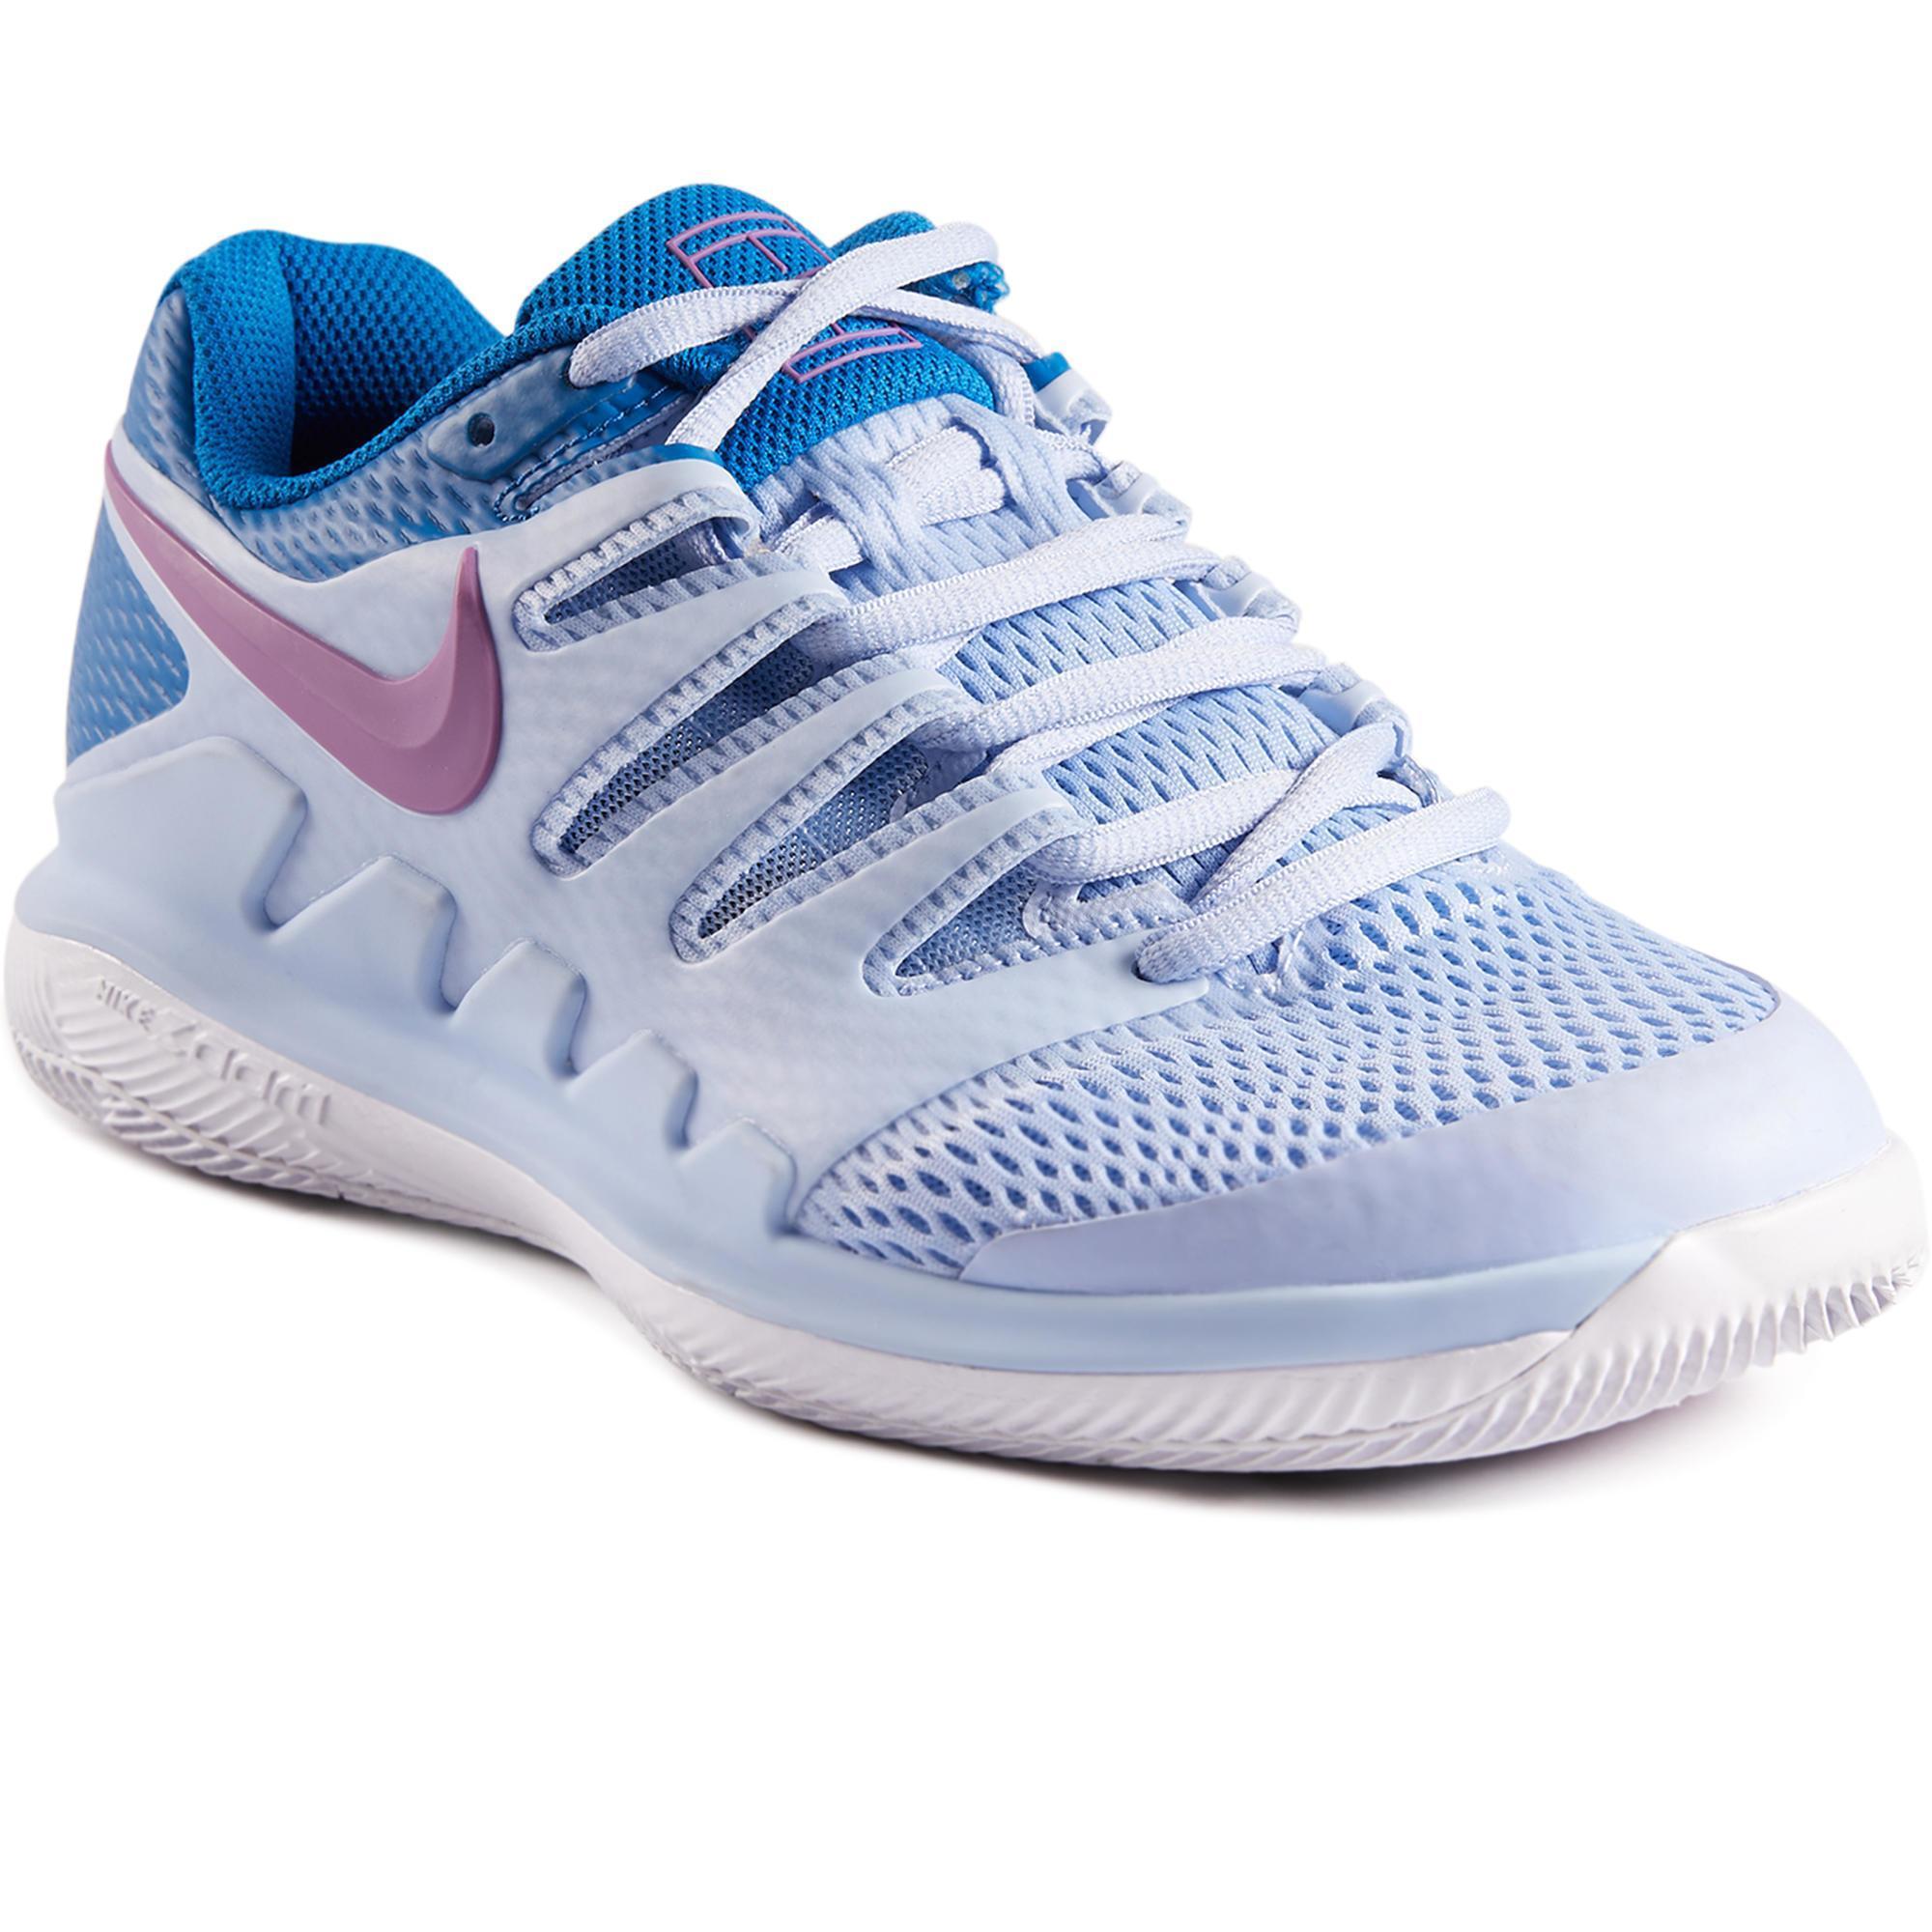 Nike Tennisschoenen voor dames Vapor Royal